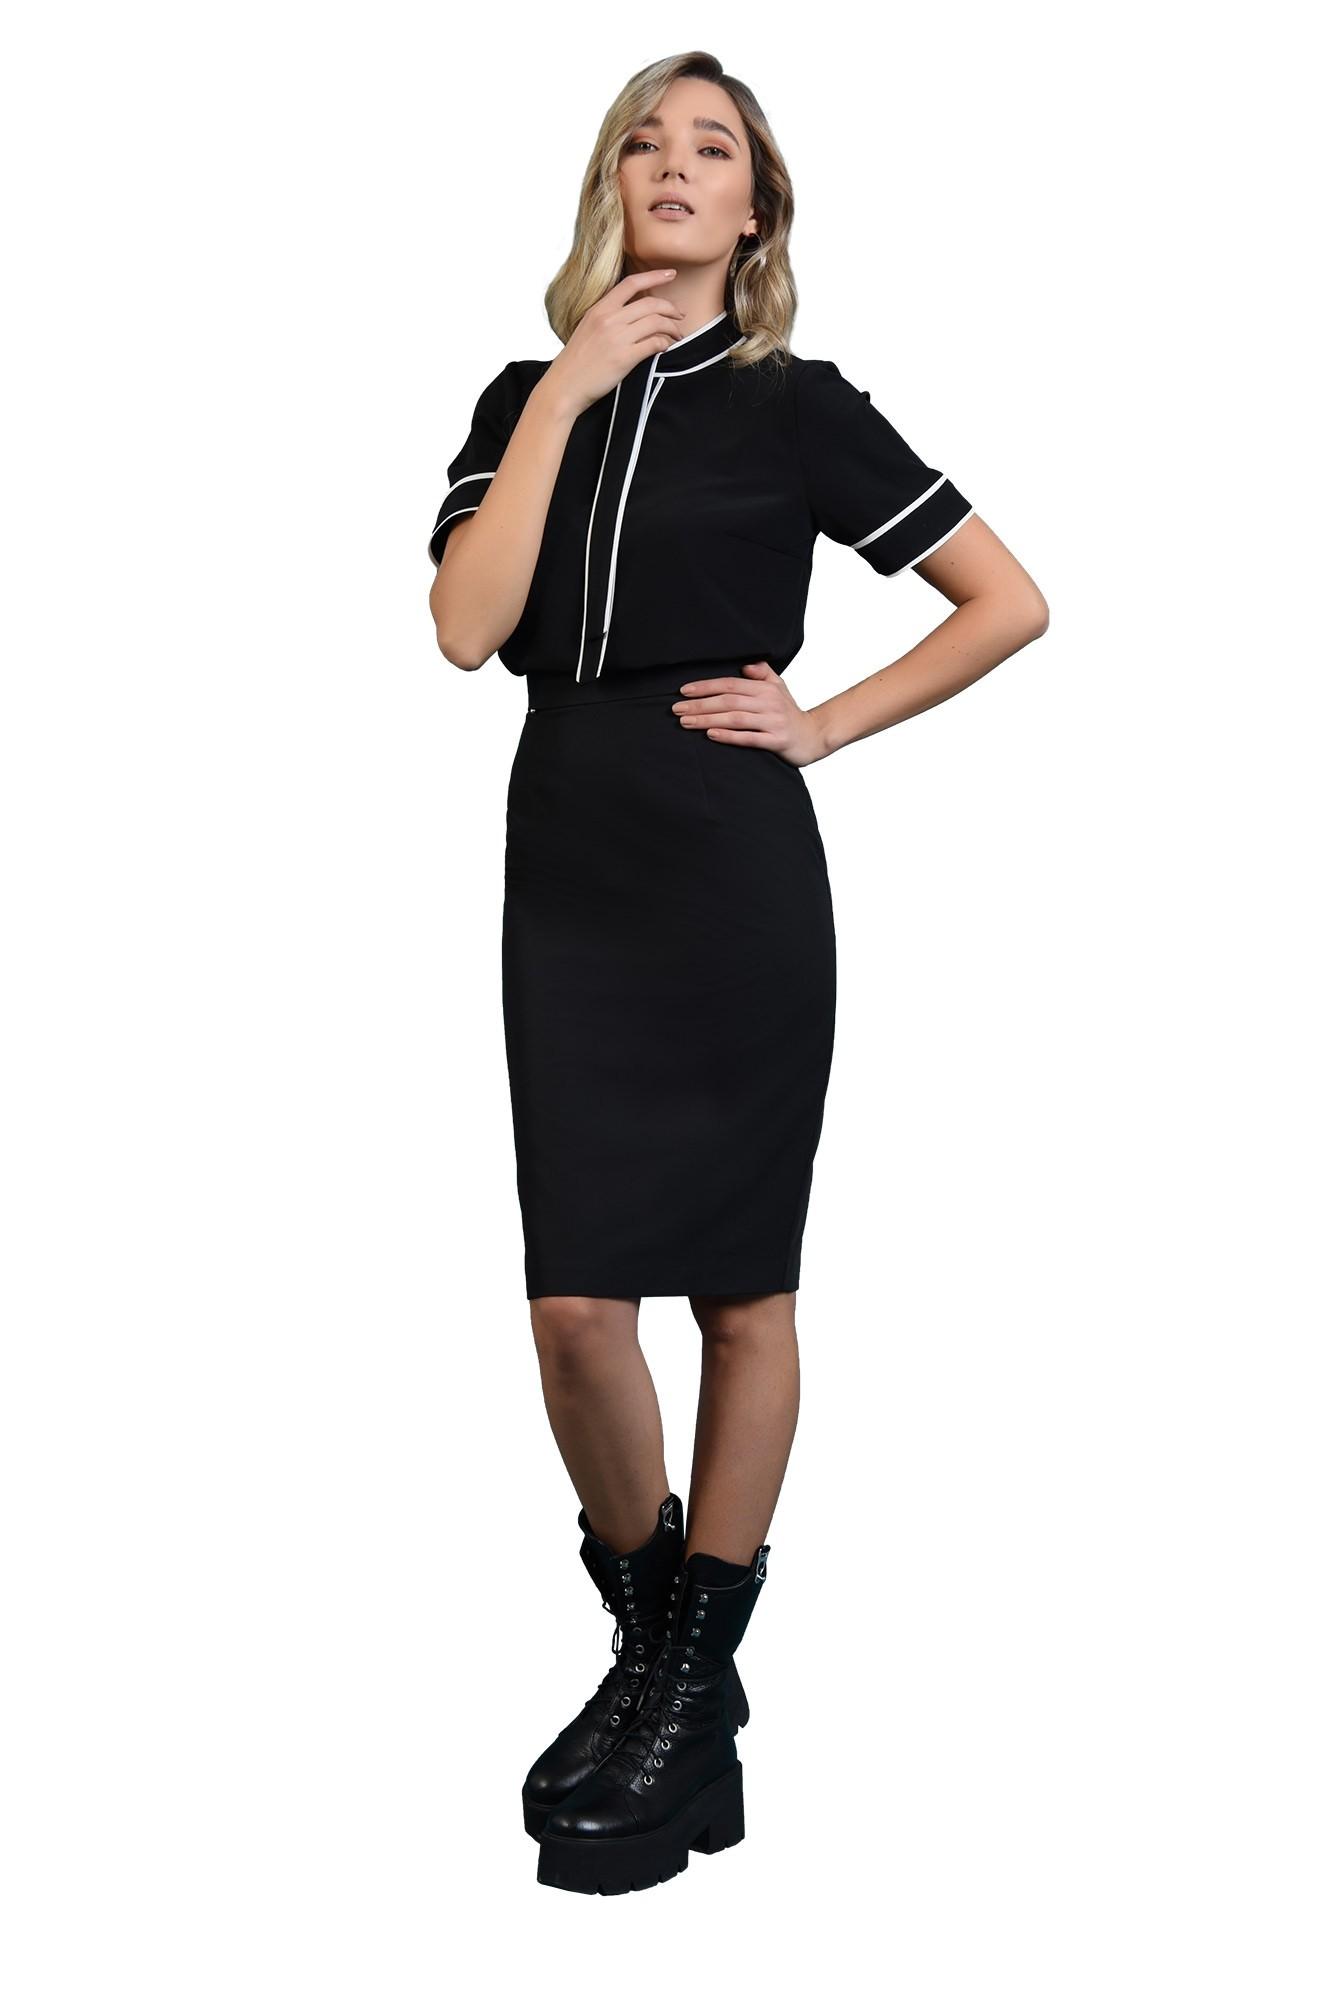 3 - bluza casual, neagra, cu esarfa la baza gatului